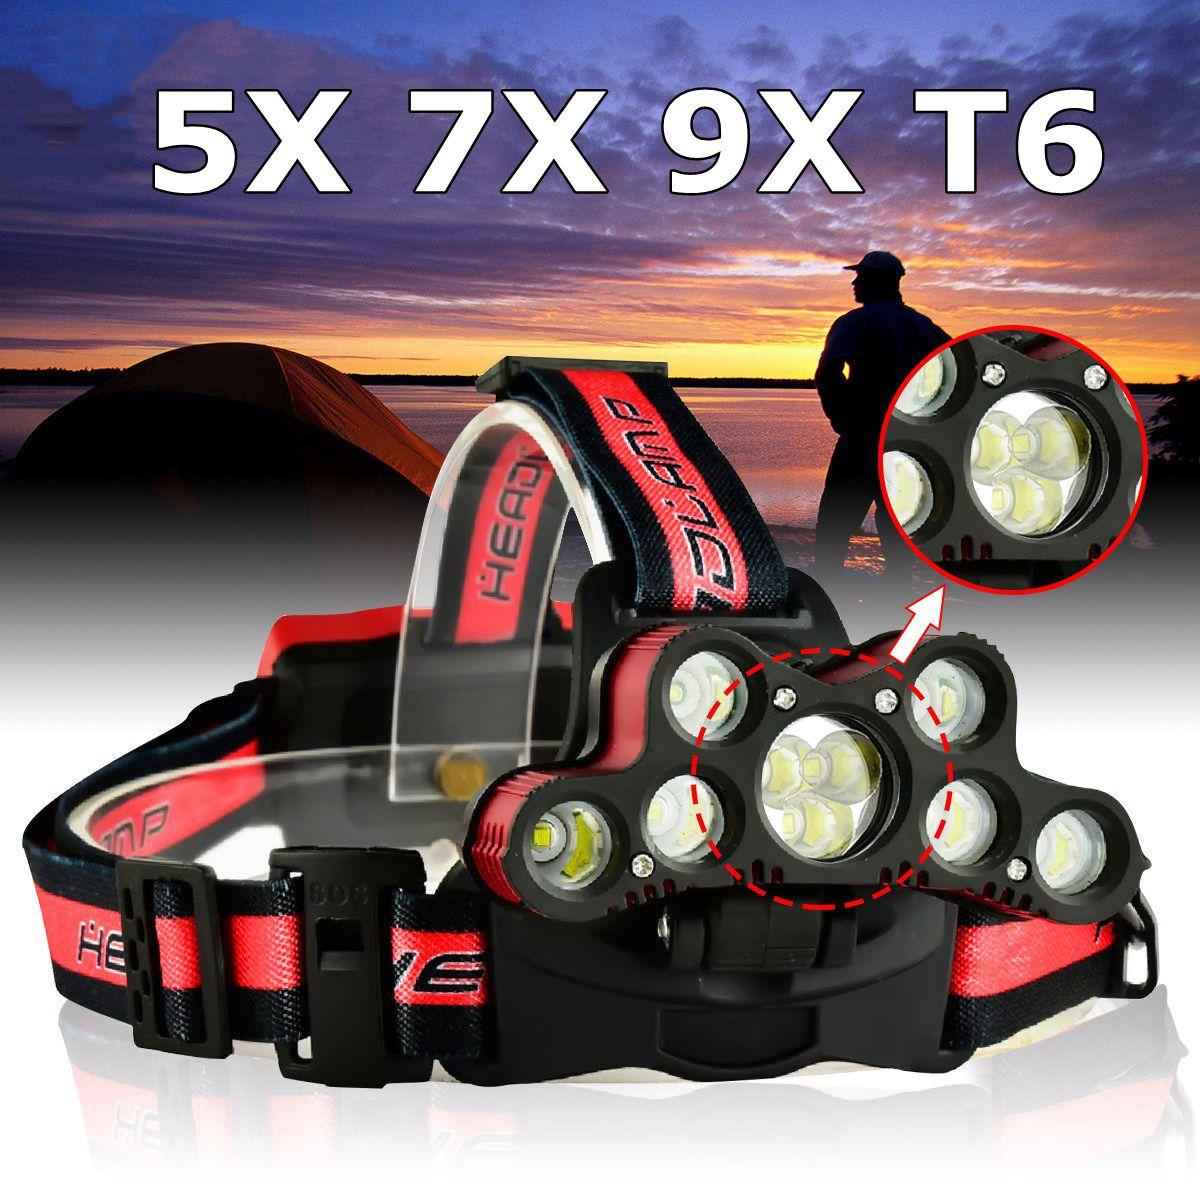 Versprechende 120000LM 9xT6 LED Wiederaufladbare Scheinwerfer Taschenlampe Scheinwerfer Kopf Licht Lampe für jagd radfahren bergsteigen camping